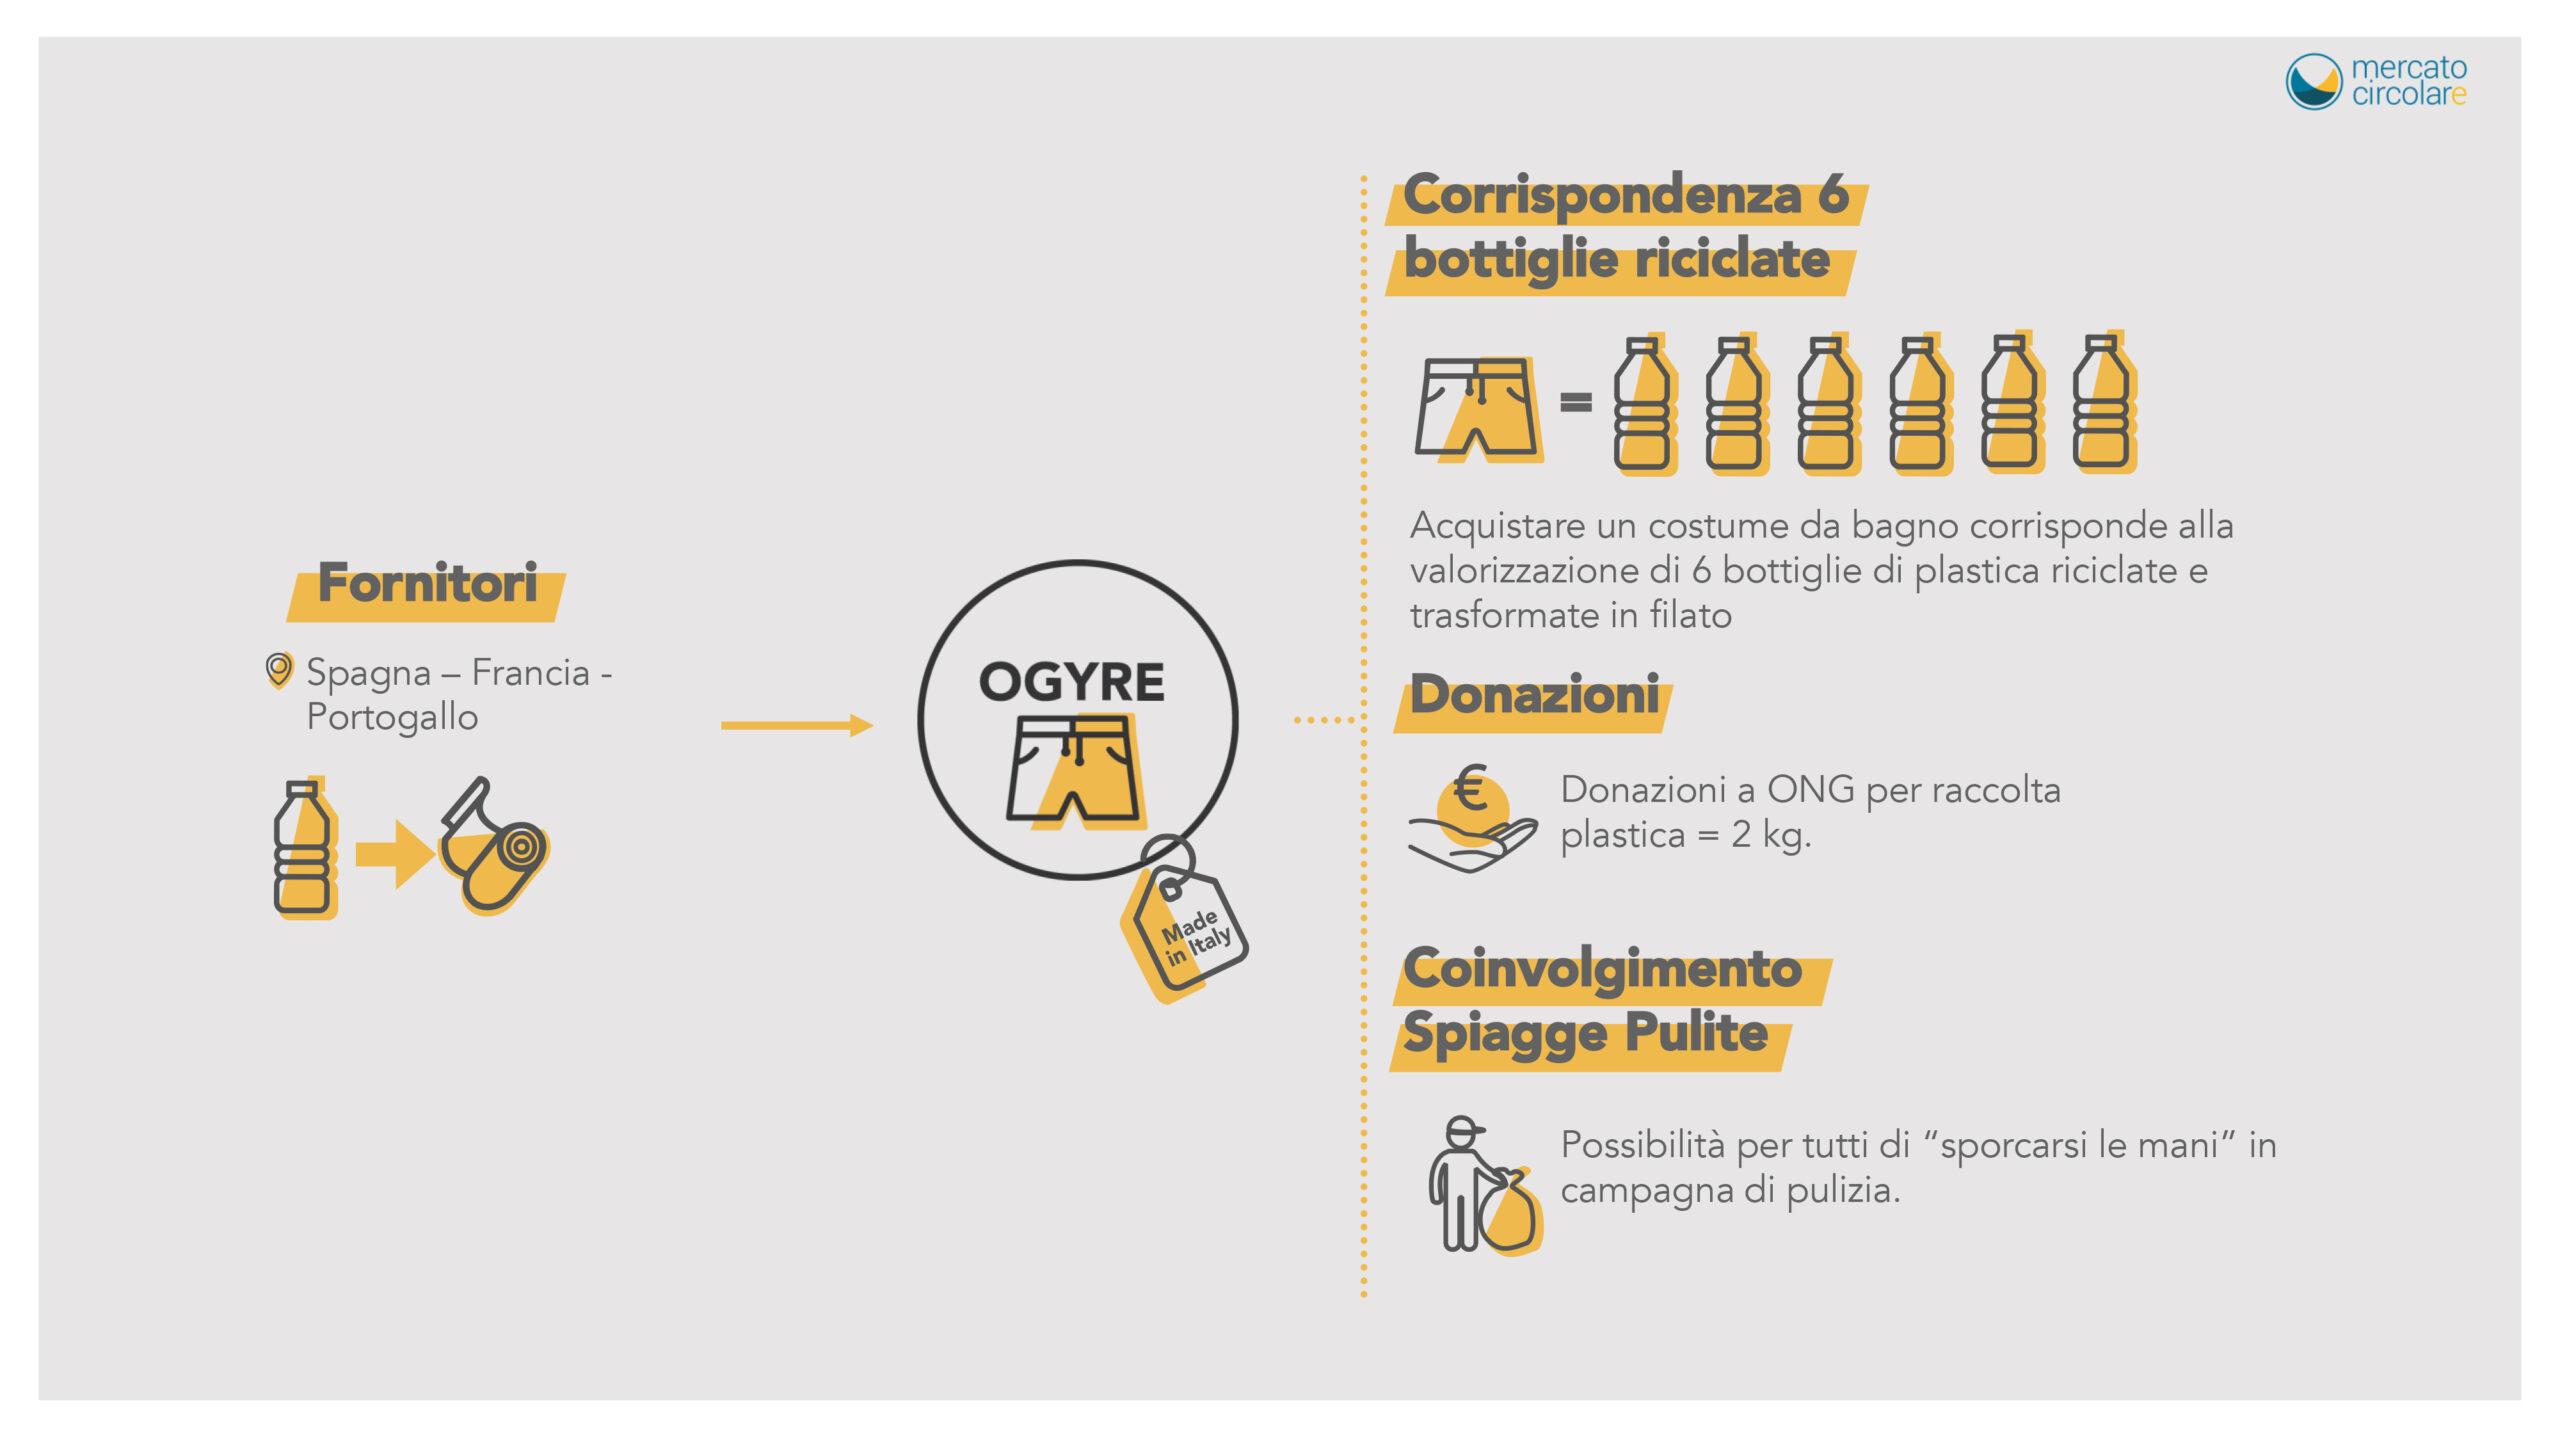 Acquistare un costume da bagno da Ogyre corrisponde alla valorizzazione di 6 bottiglie di plastica riciclata